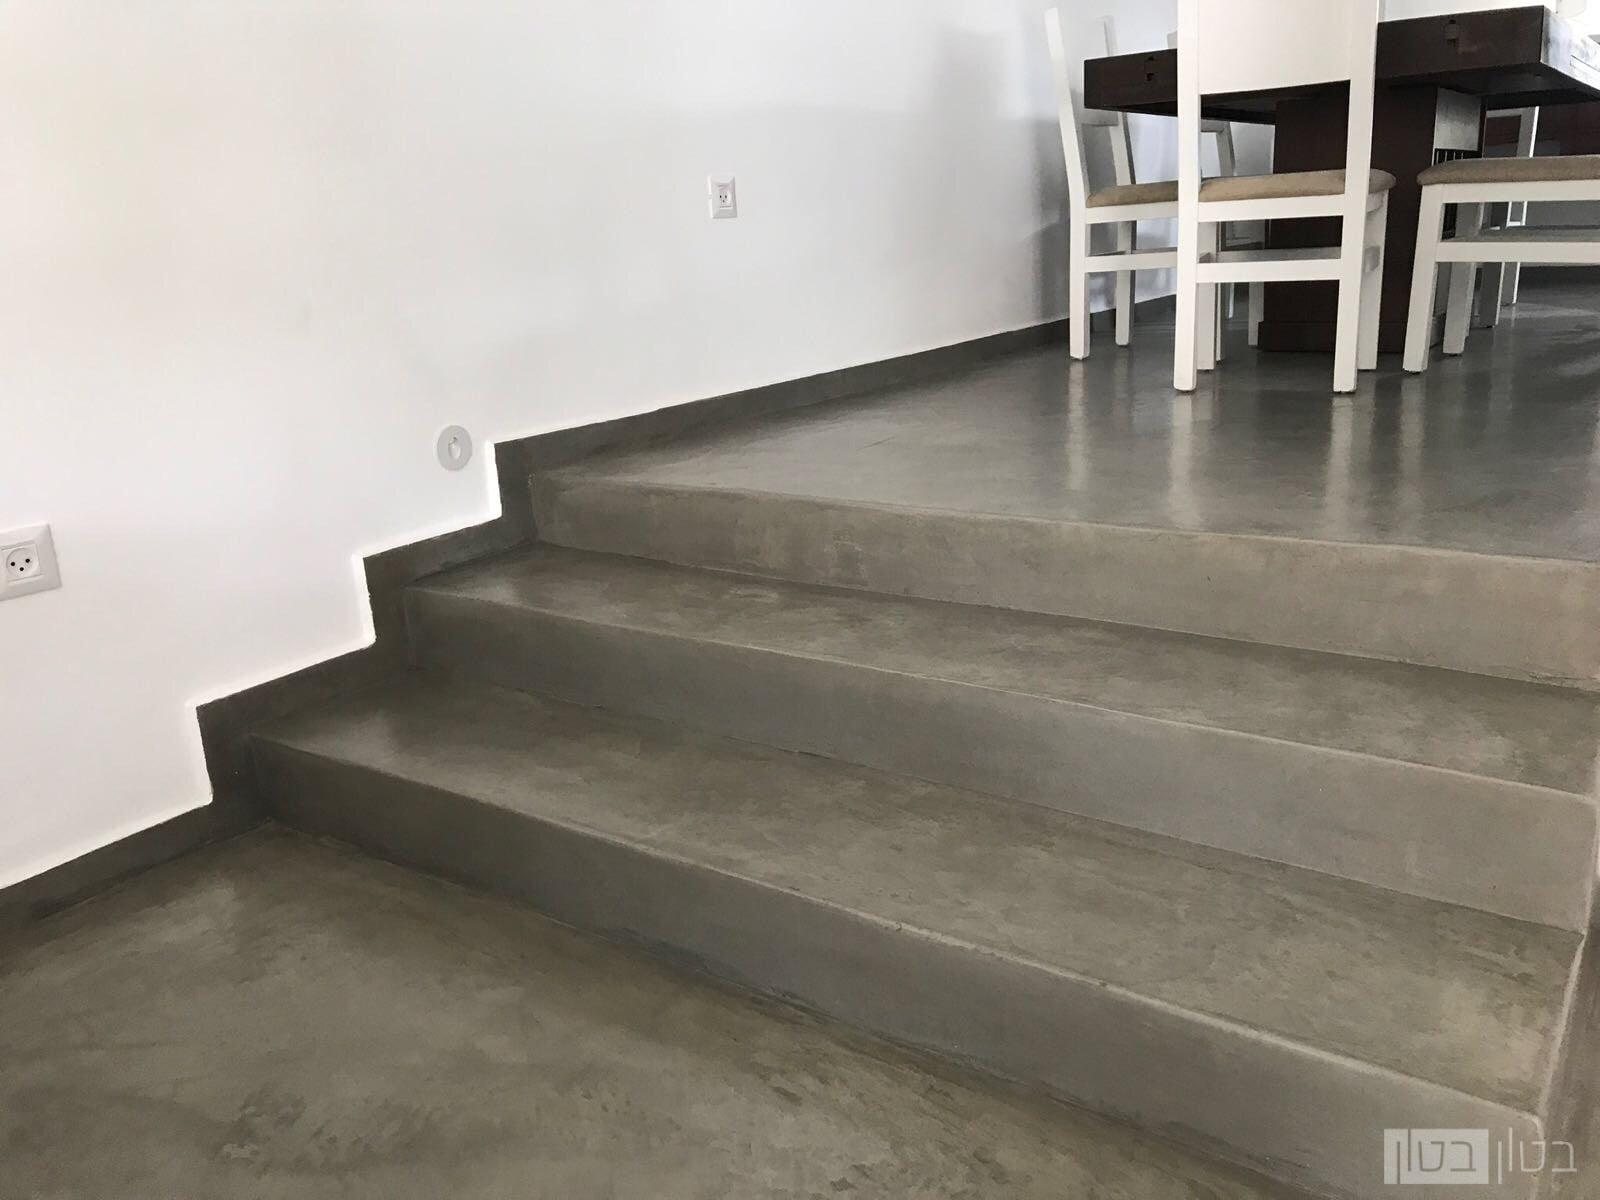 רצפה ומדרגות בציפוי מיקרוטופינג